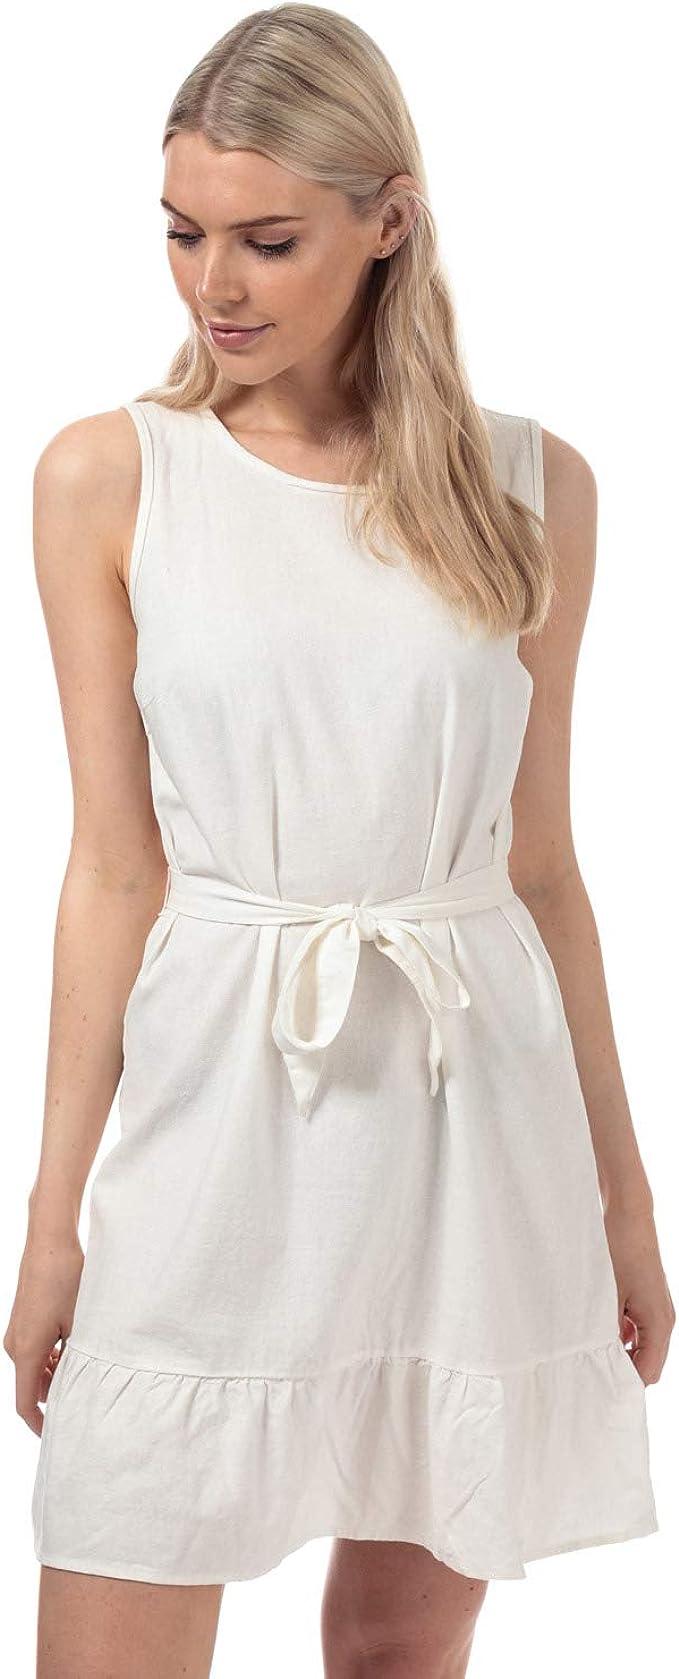 Vero Moda Kleid ohne Ärmel Anna Milo weiß Damen: Amazon.de: Bekleidung